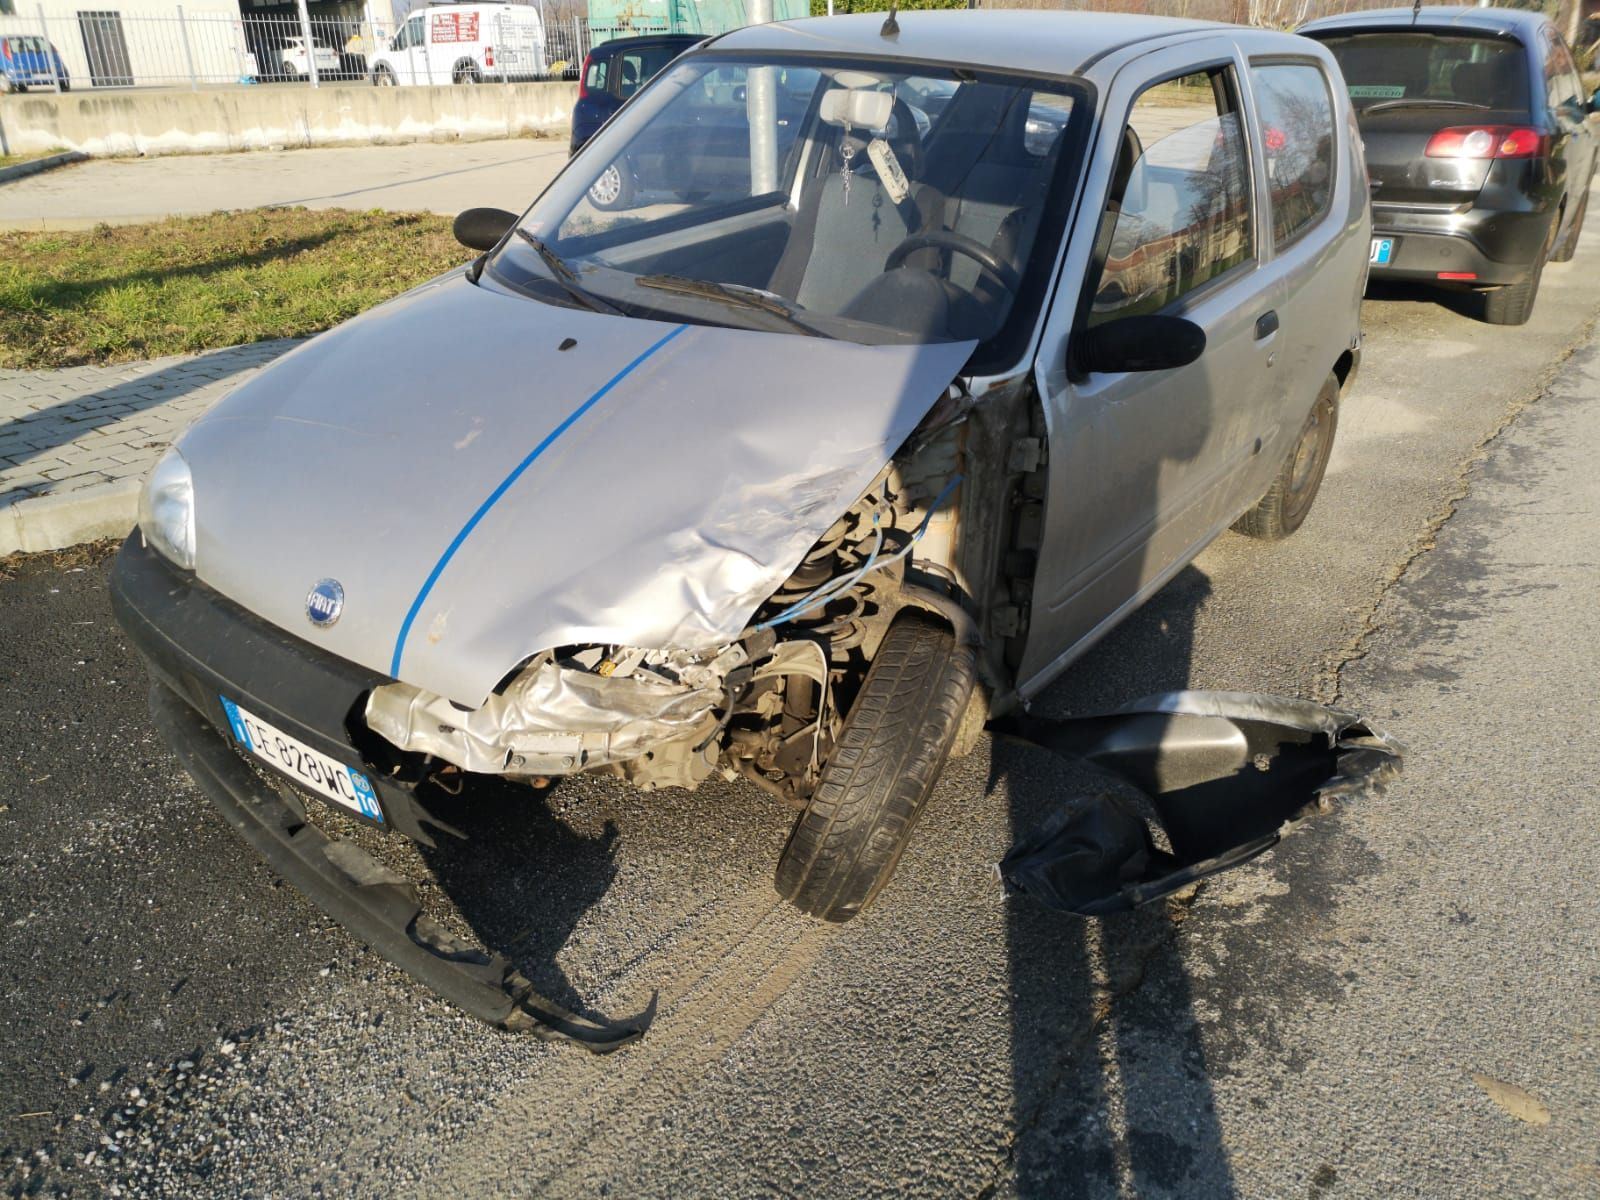 VALPERGA-CUORGNE' - Altri due incidenti sulla 460: un ferito - FOTO